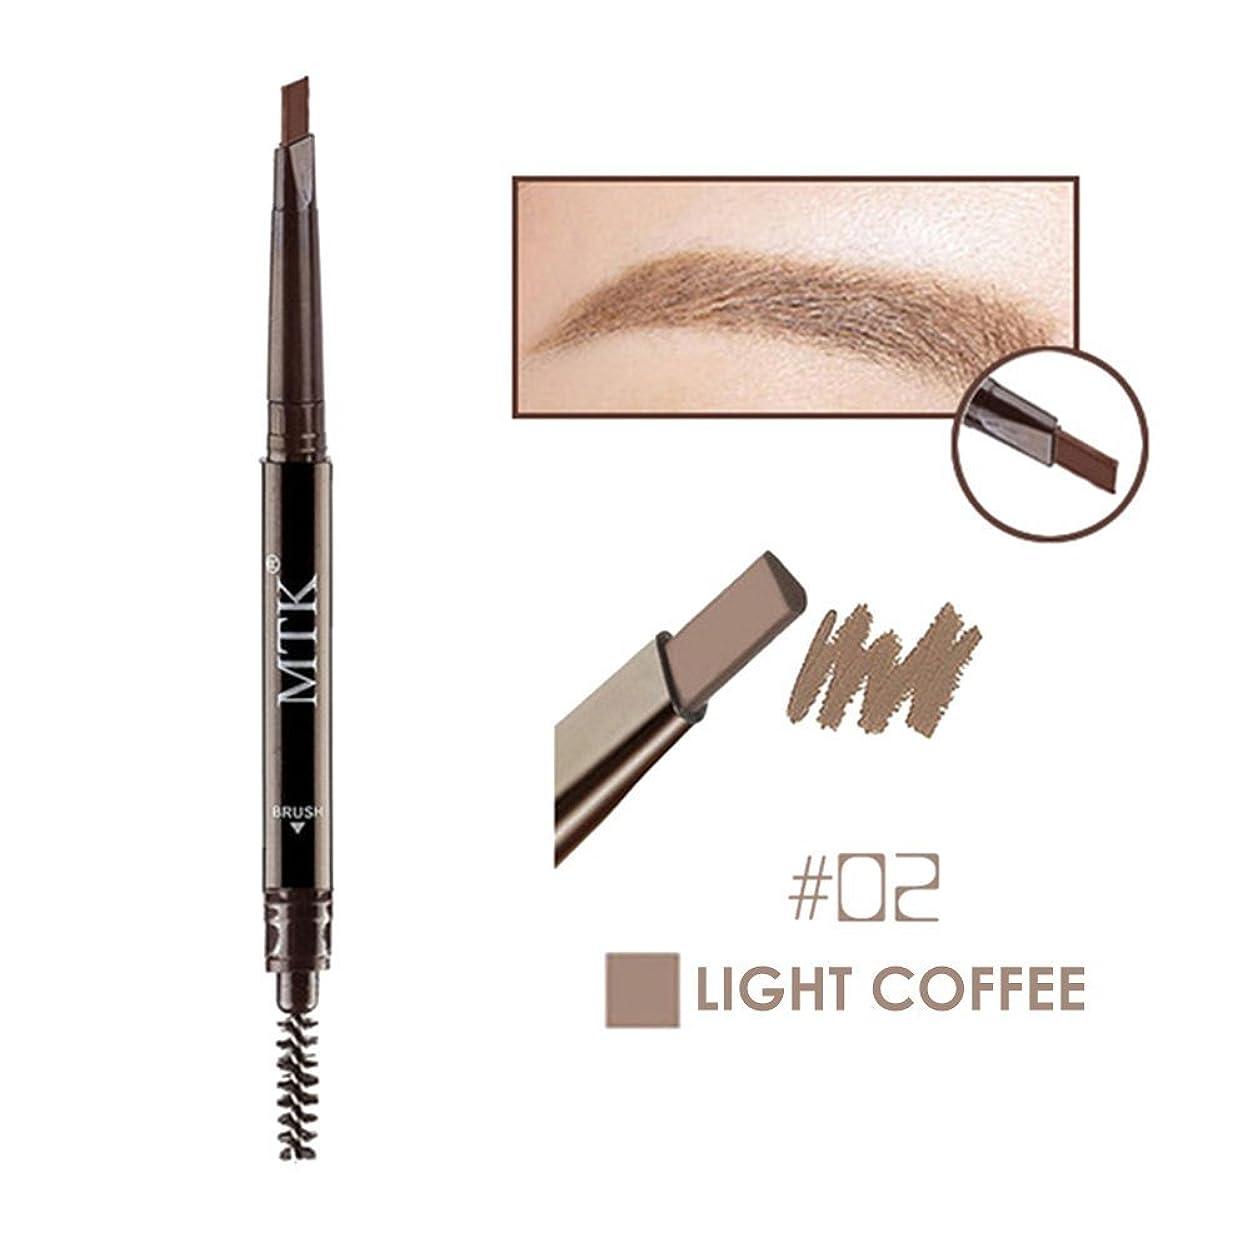 しがみつく着陸文献Panlom ブラシと防水性の自動眉毛ペン回転した化粧自然な色の三角形の眉毛の鉛筆 ライトコーヒー